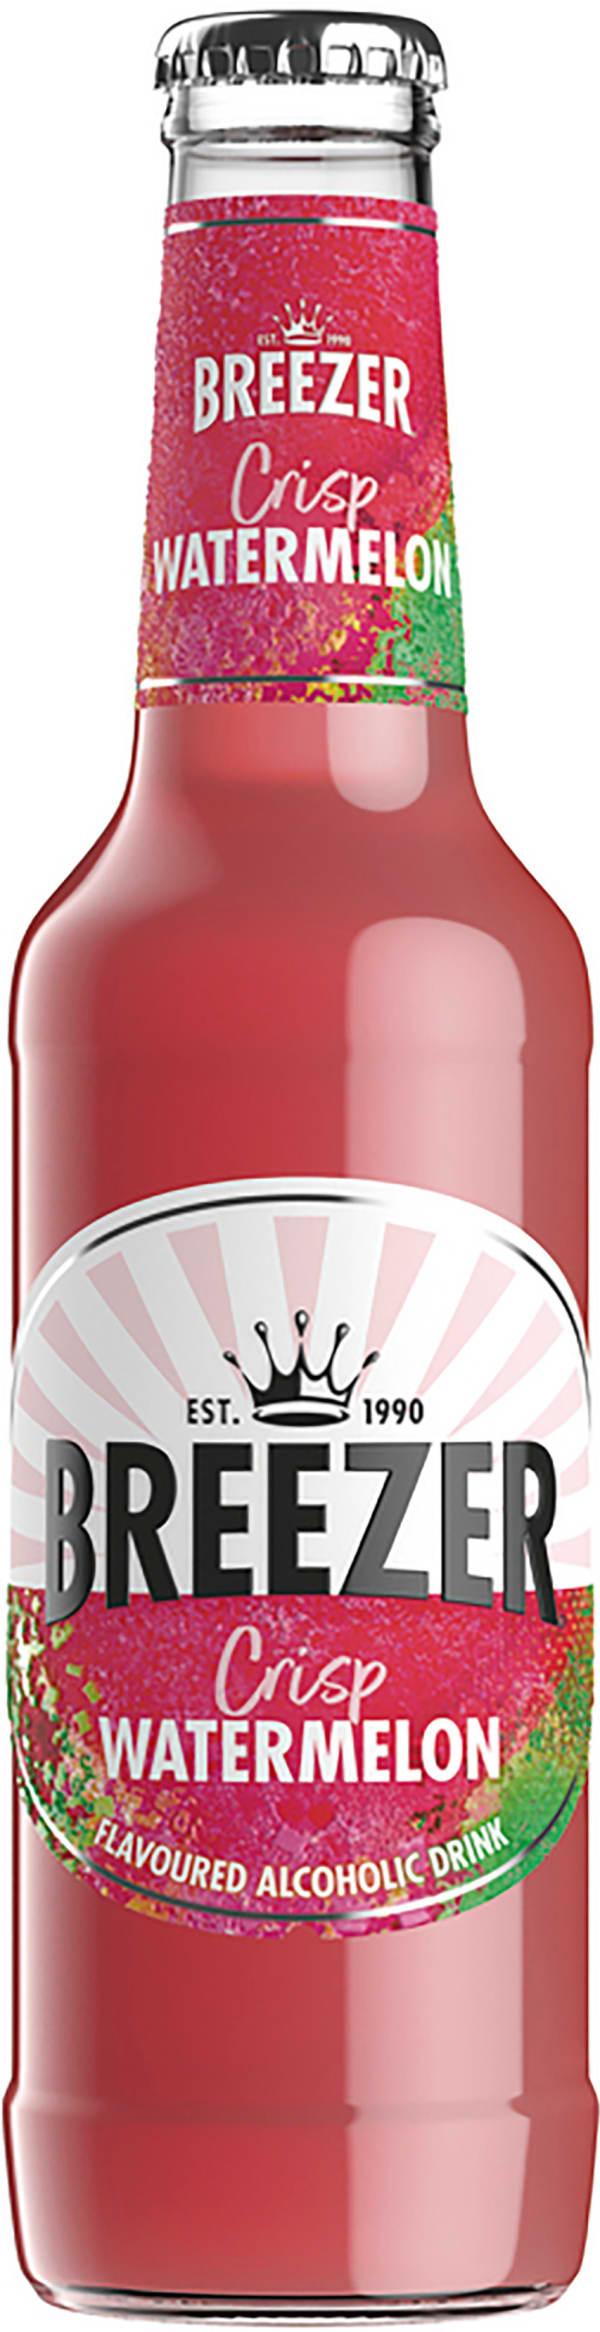 Breezer Watermelon